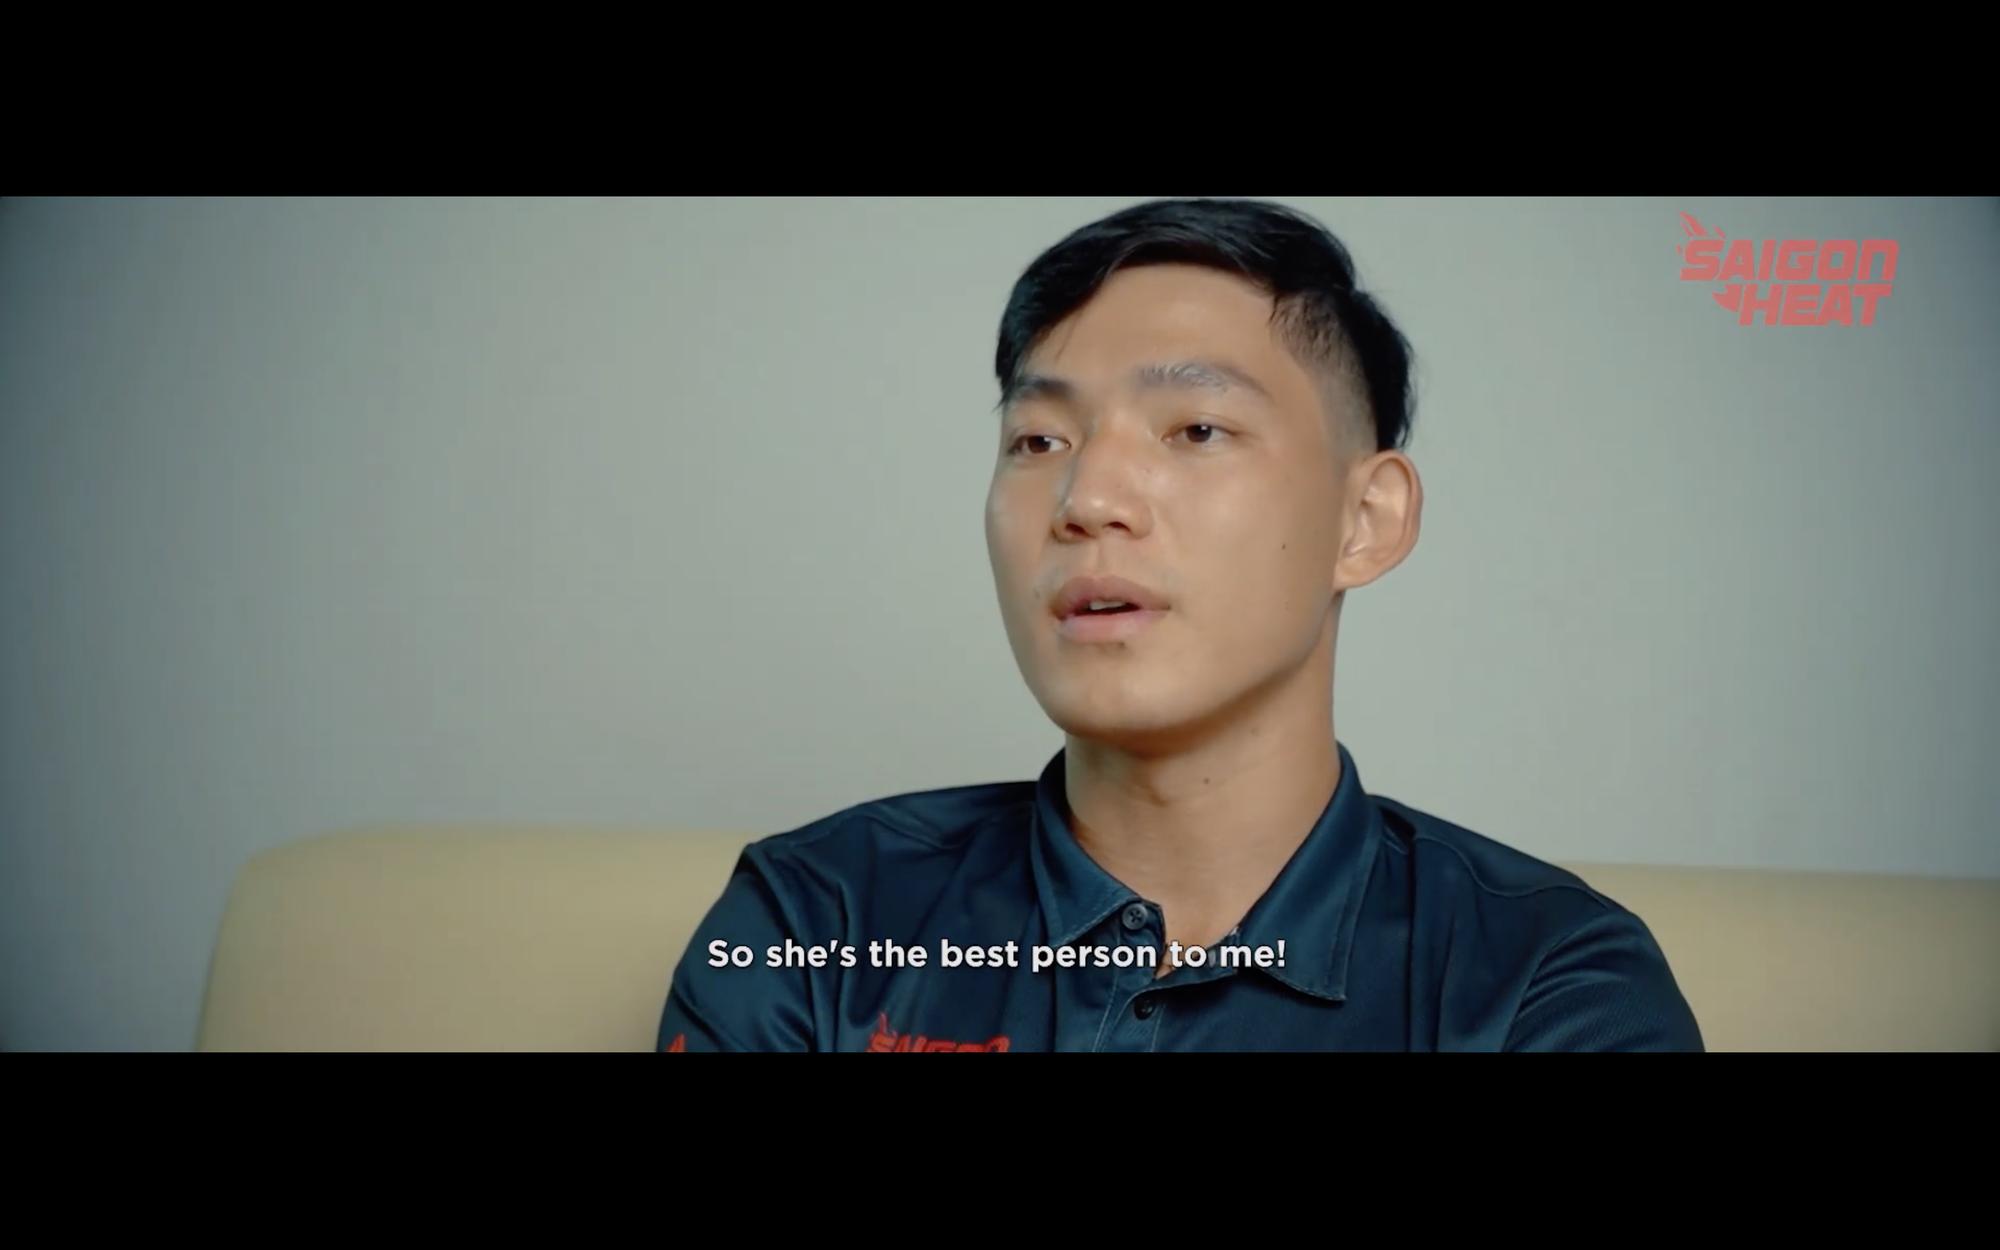 Võ Kim Bản lấy nước mắt người hâm mộ với clip cảm động về người mẹ thứ 2 nhân ngày phụ nữ Việt Nam - Ảnh 2.